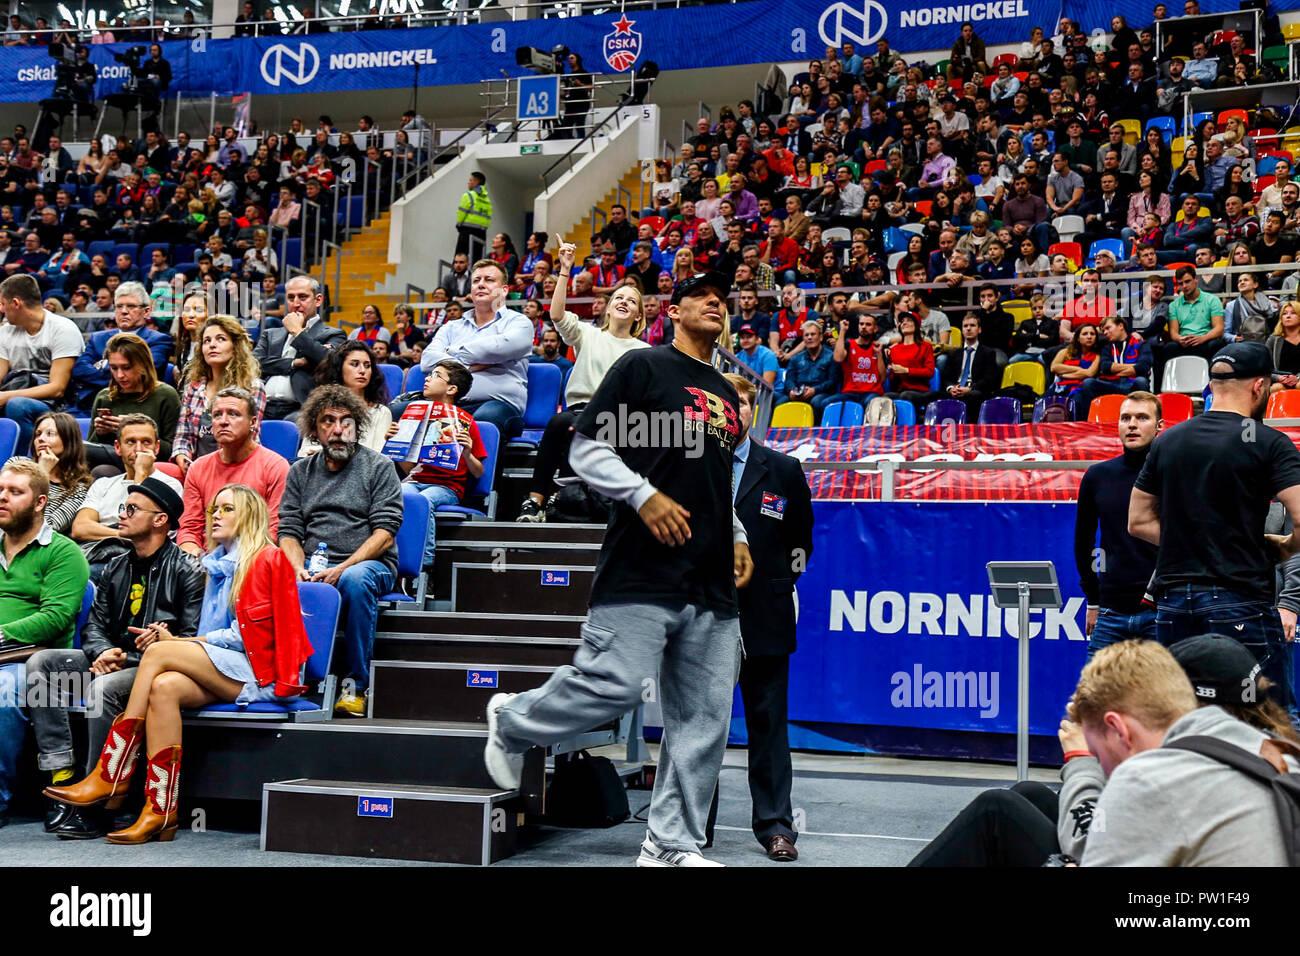 Bola de lavar, padre de Los Ángeles de la guardia del Lago Lonzo Ball, presenta un enmarcado camiseta de Big Baller Marca a CSKA Moscú después de que su equipo jugó CSKA Moscú-2 el día anterior como parte de la Liga (JBA) Asociación de Baloncesto Junior world tour. (CSKA Moscú derrotó el FC Barcelona Lassa 95-75) Imagen De Stock